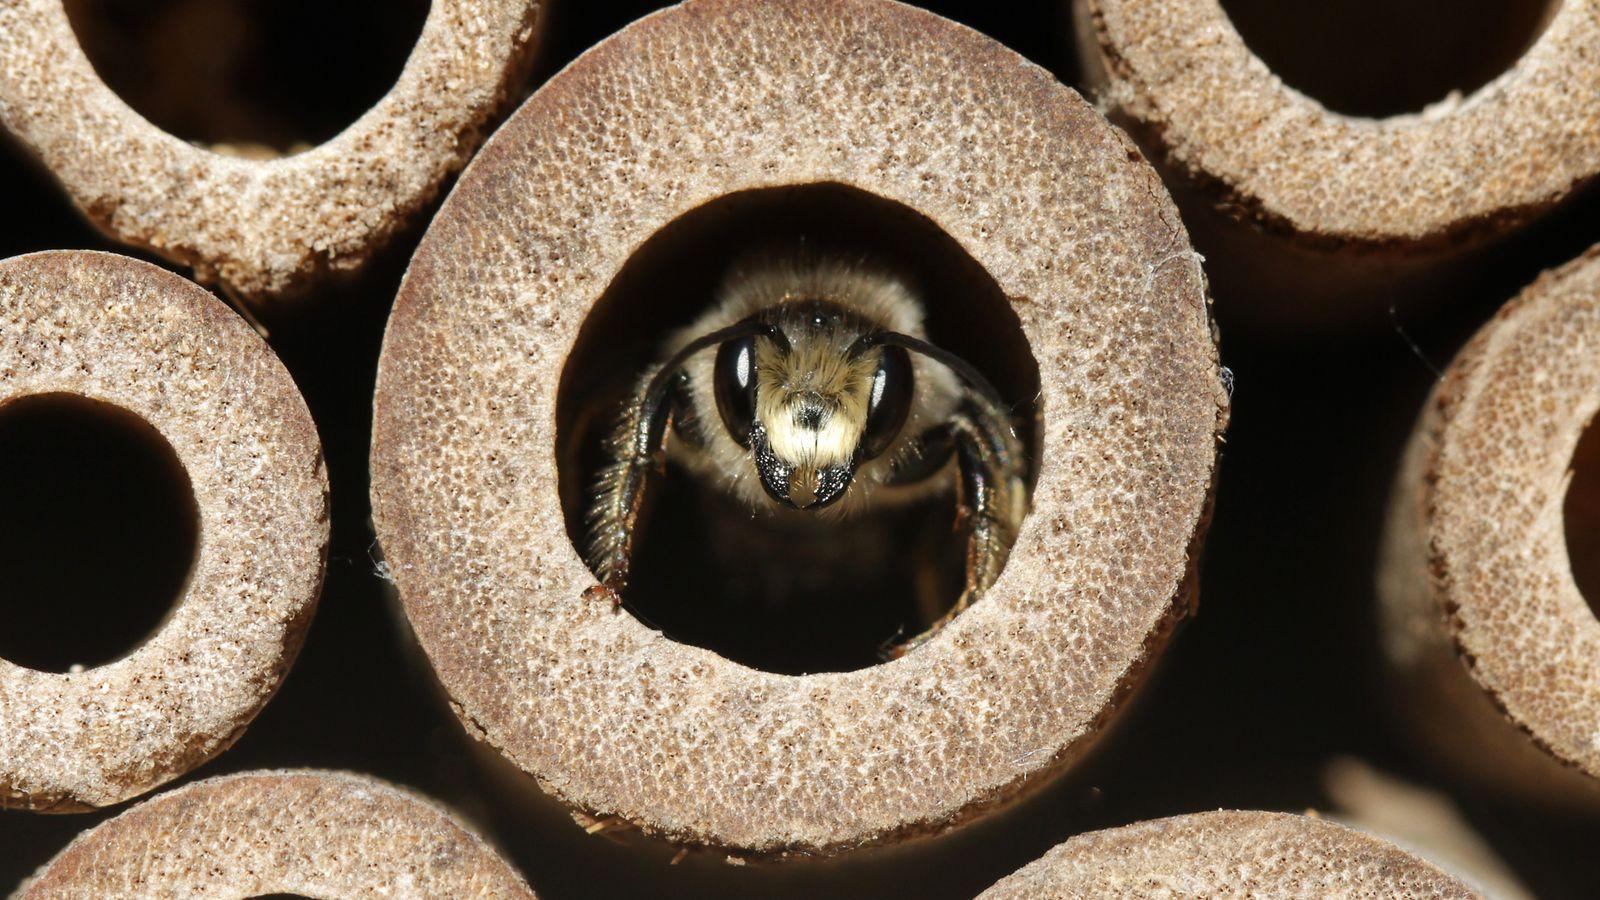 Une abeille dans un hôtel à insectes.